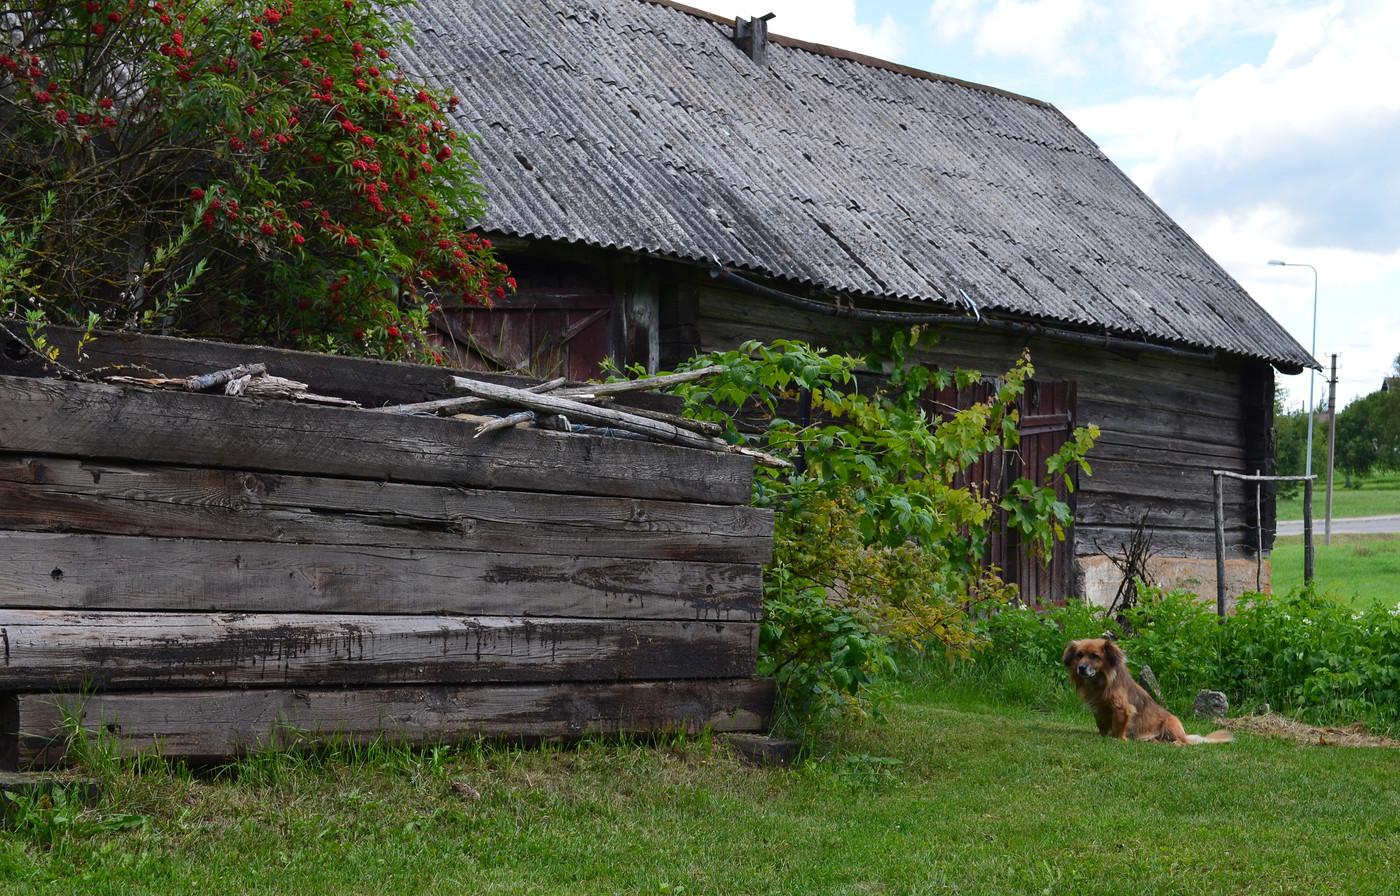 Visiting Jura